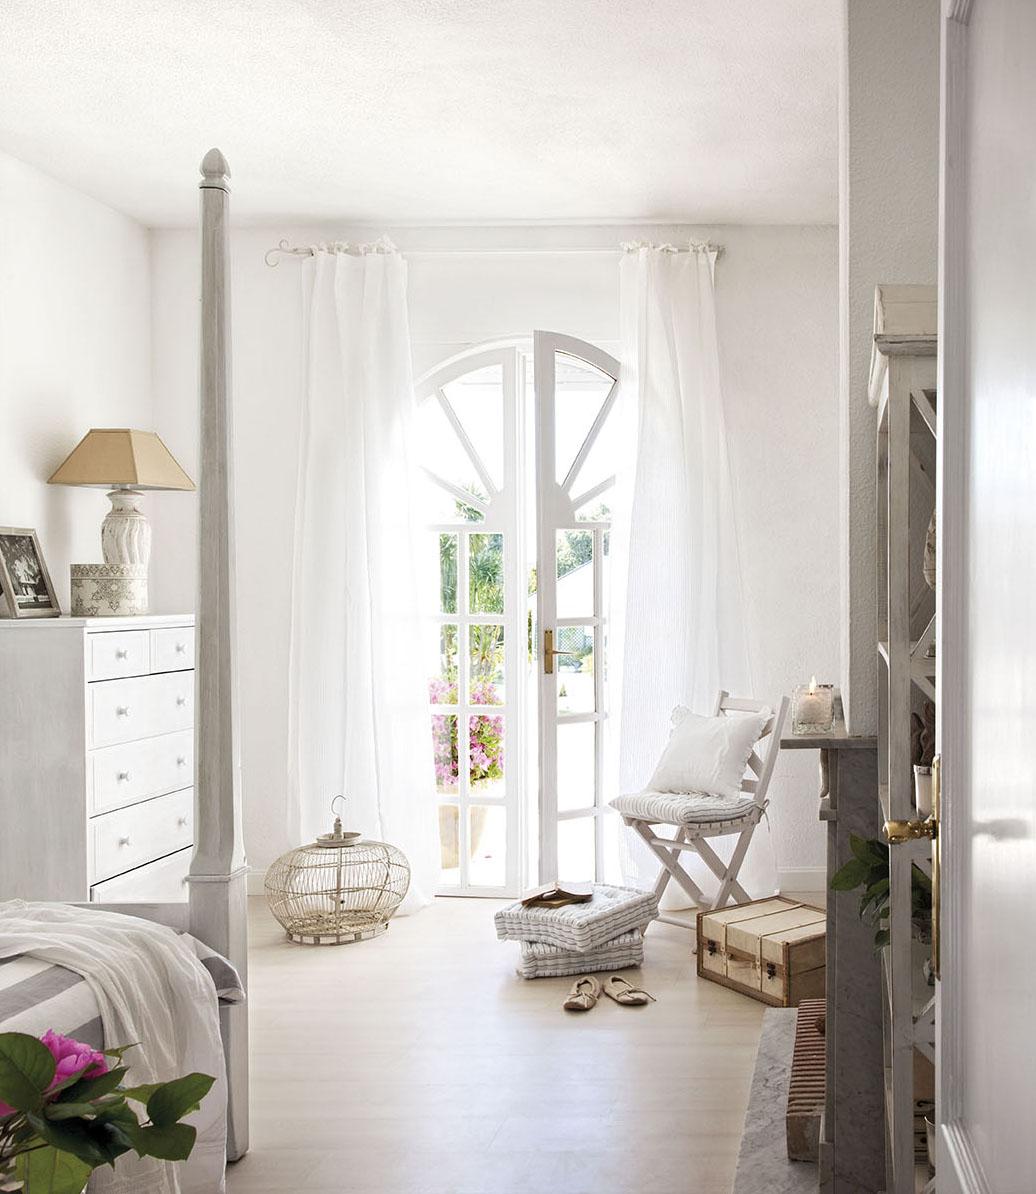 00302848. Dormitorio de invitados en blanco y gris con salida al jardín_00302848